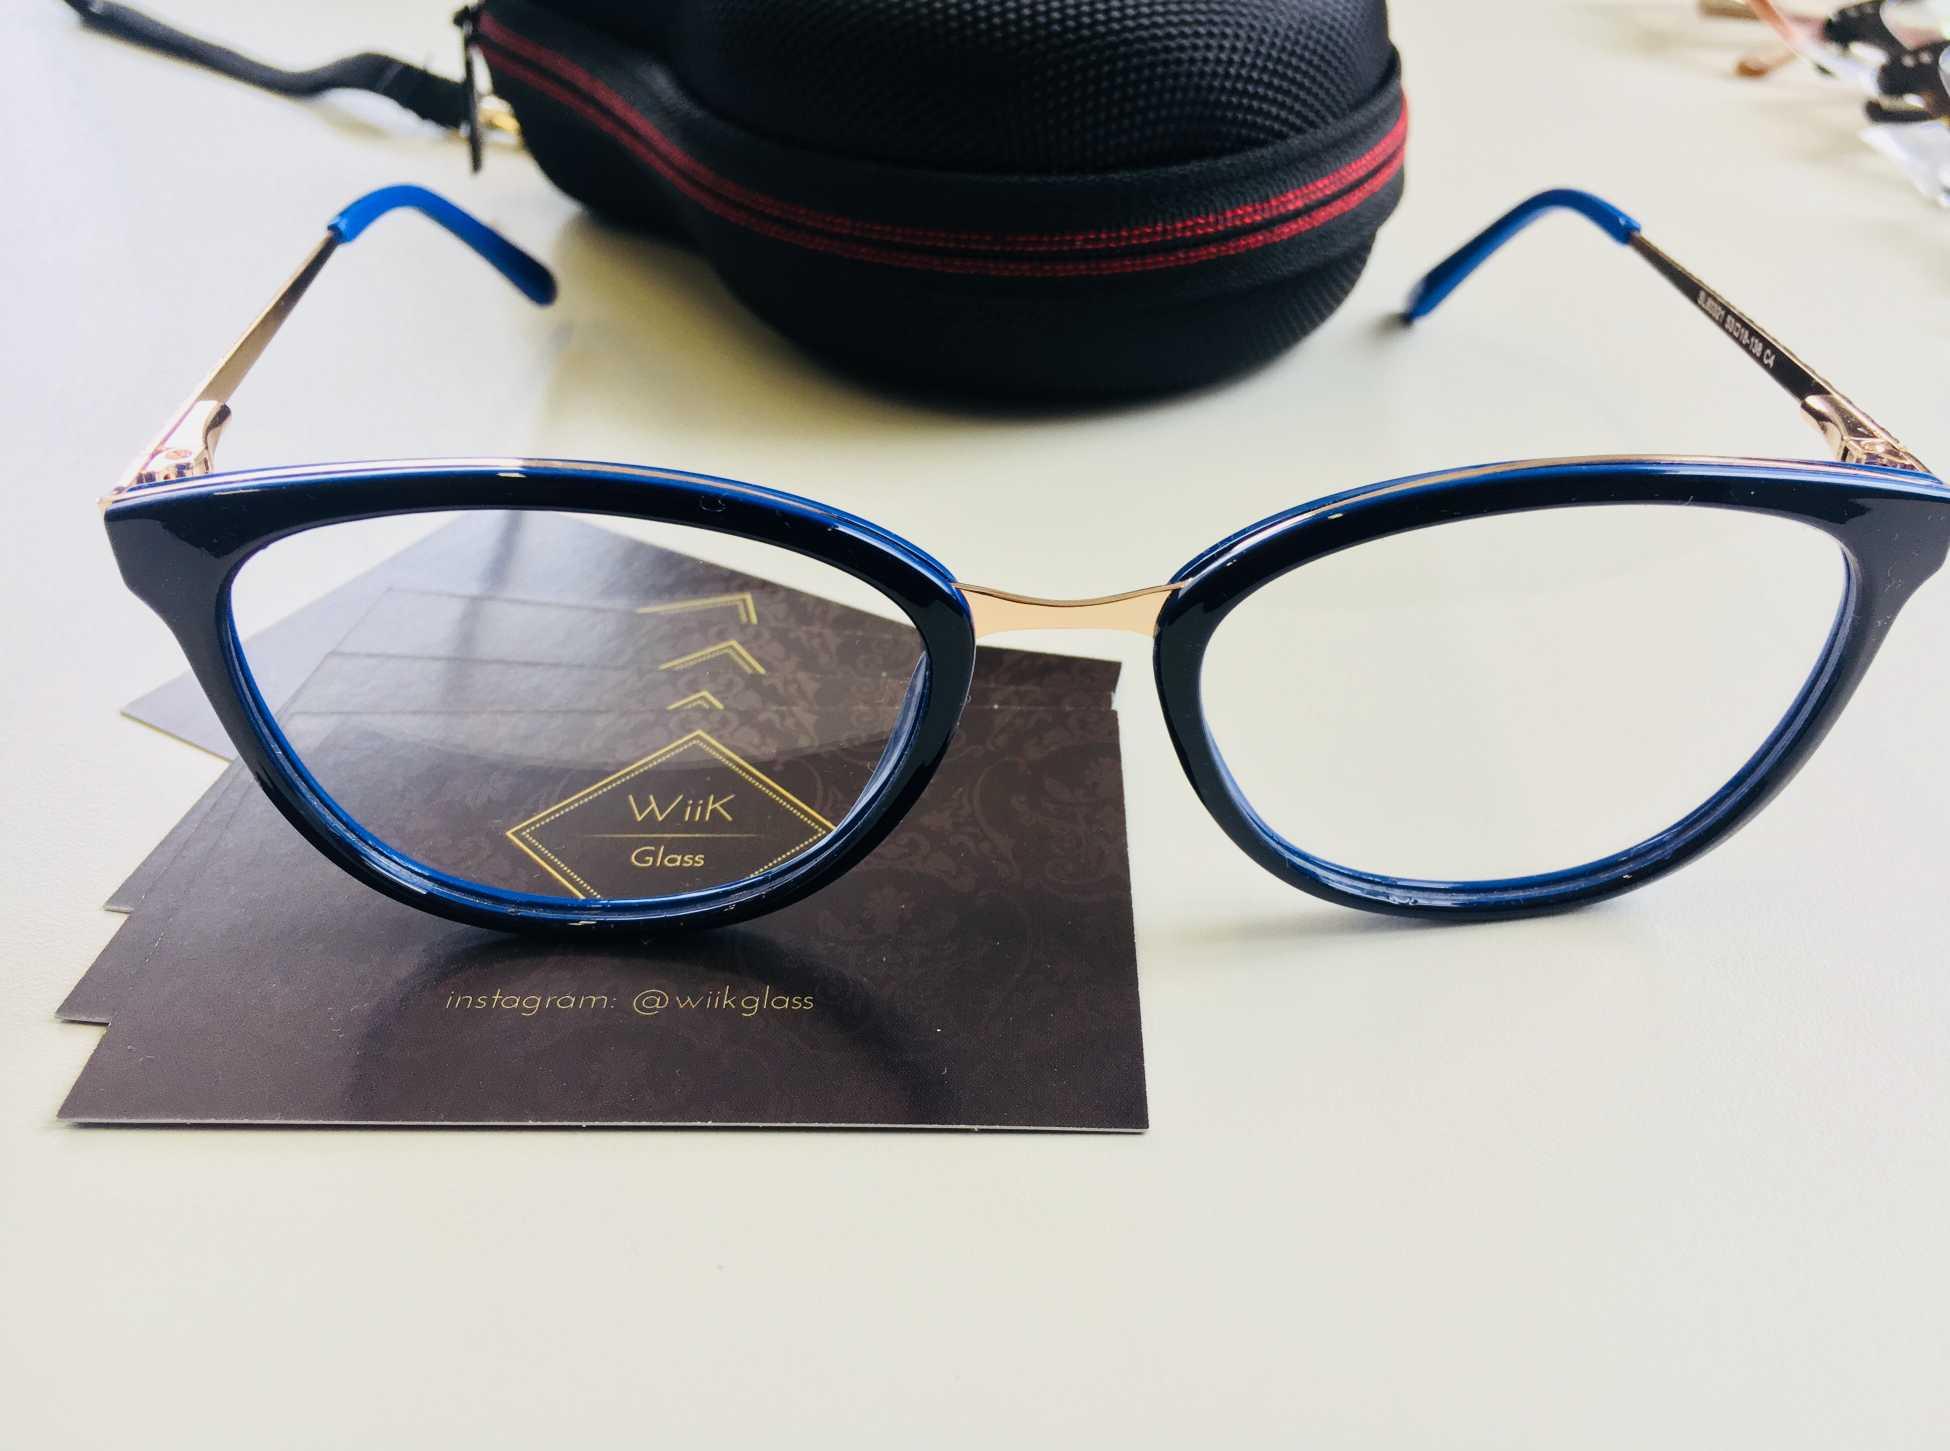 fa7766a69 Óculos Armação Grau Feminino Fashion Wiikglass 2018 Azul